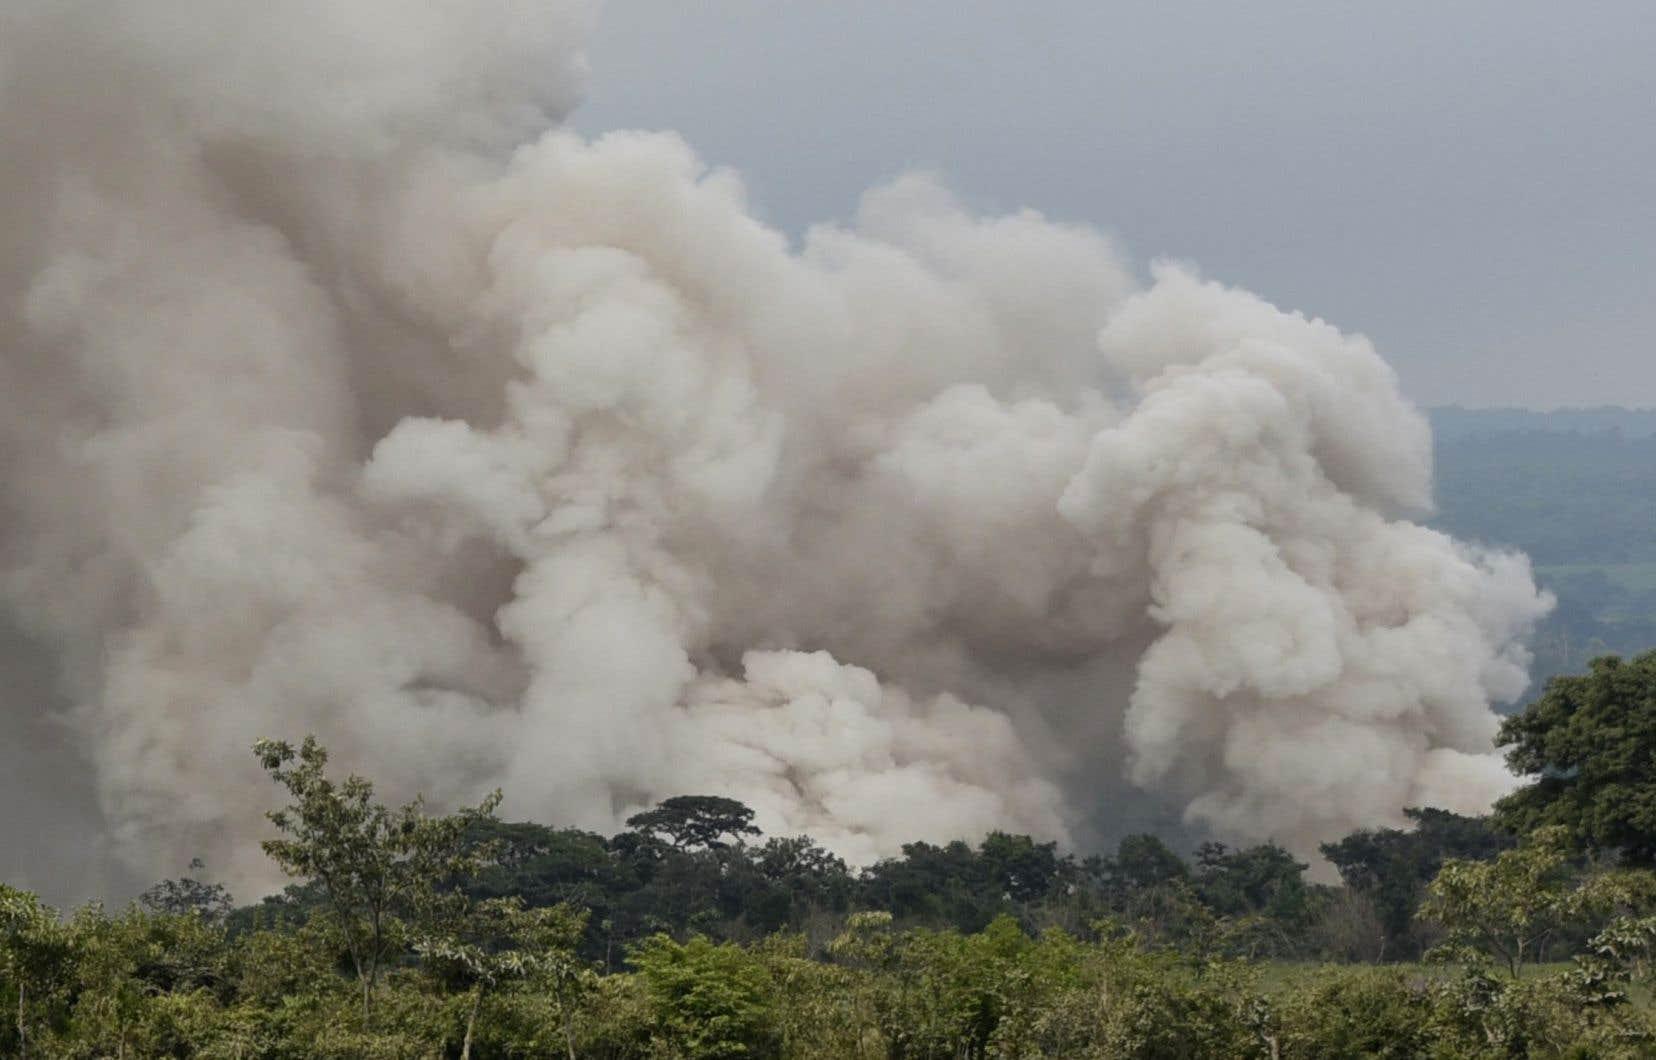 Sept villages situés sur le flanc du volcan ont été évacués mardi, en raison de l'augmentation de l'activité volcanique.